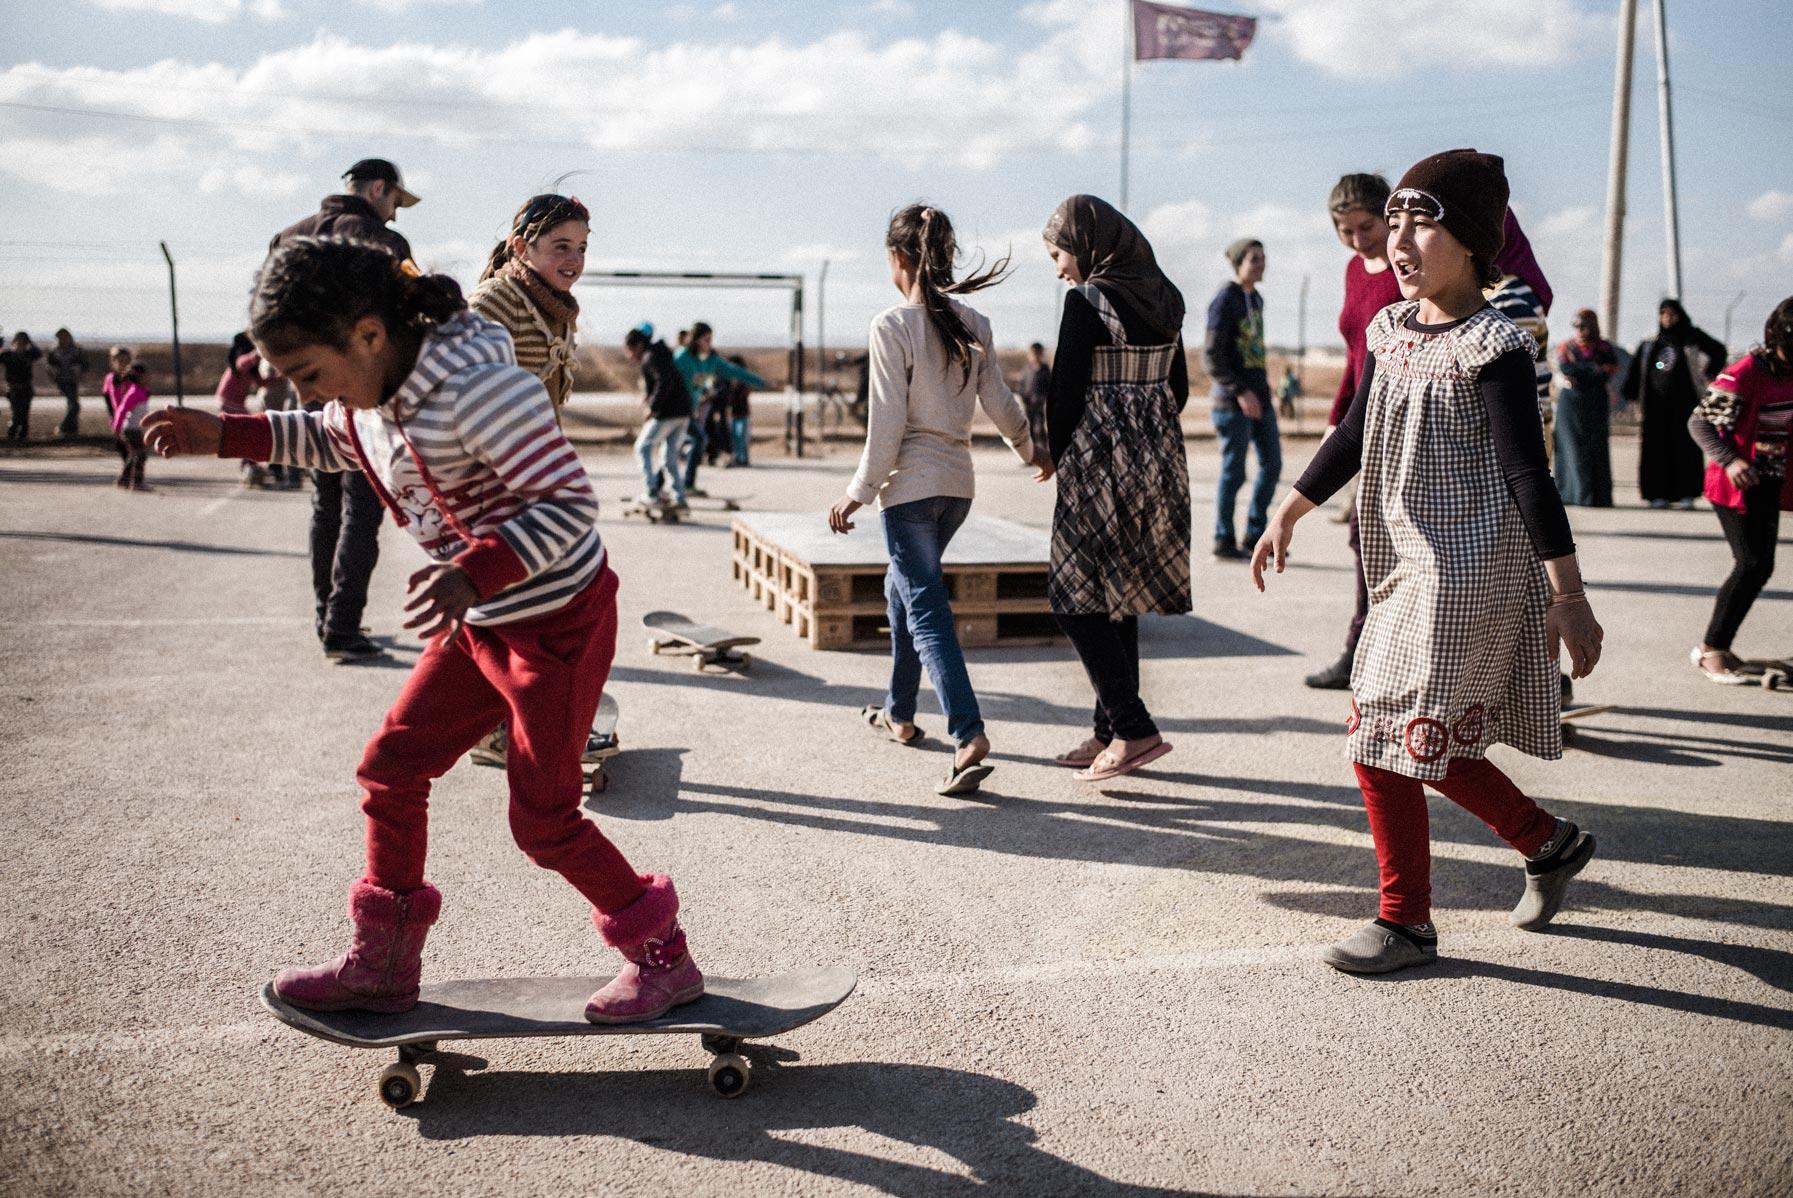 Daniel_Zvereff-Zaatari-camp-1000215